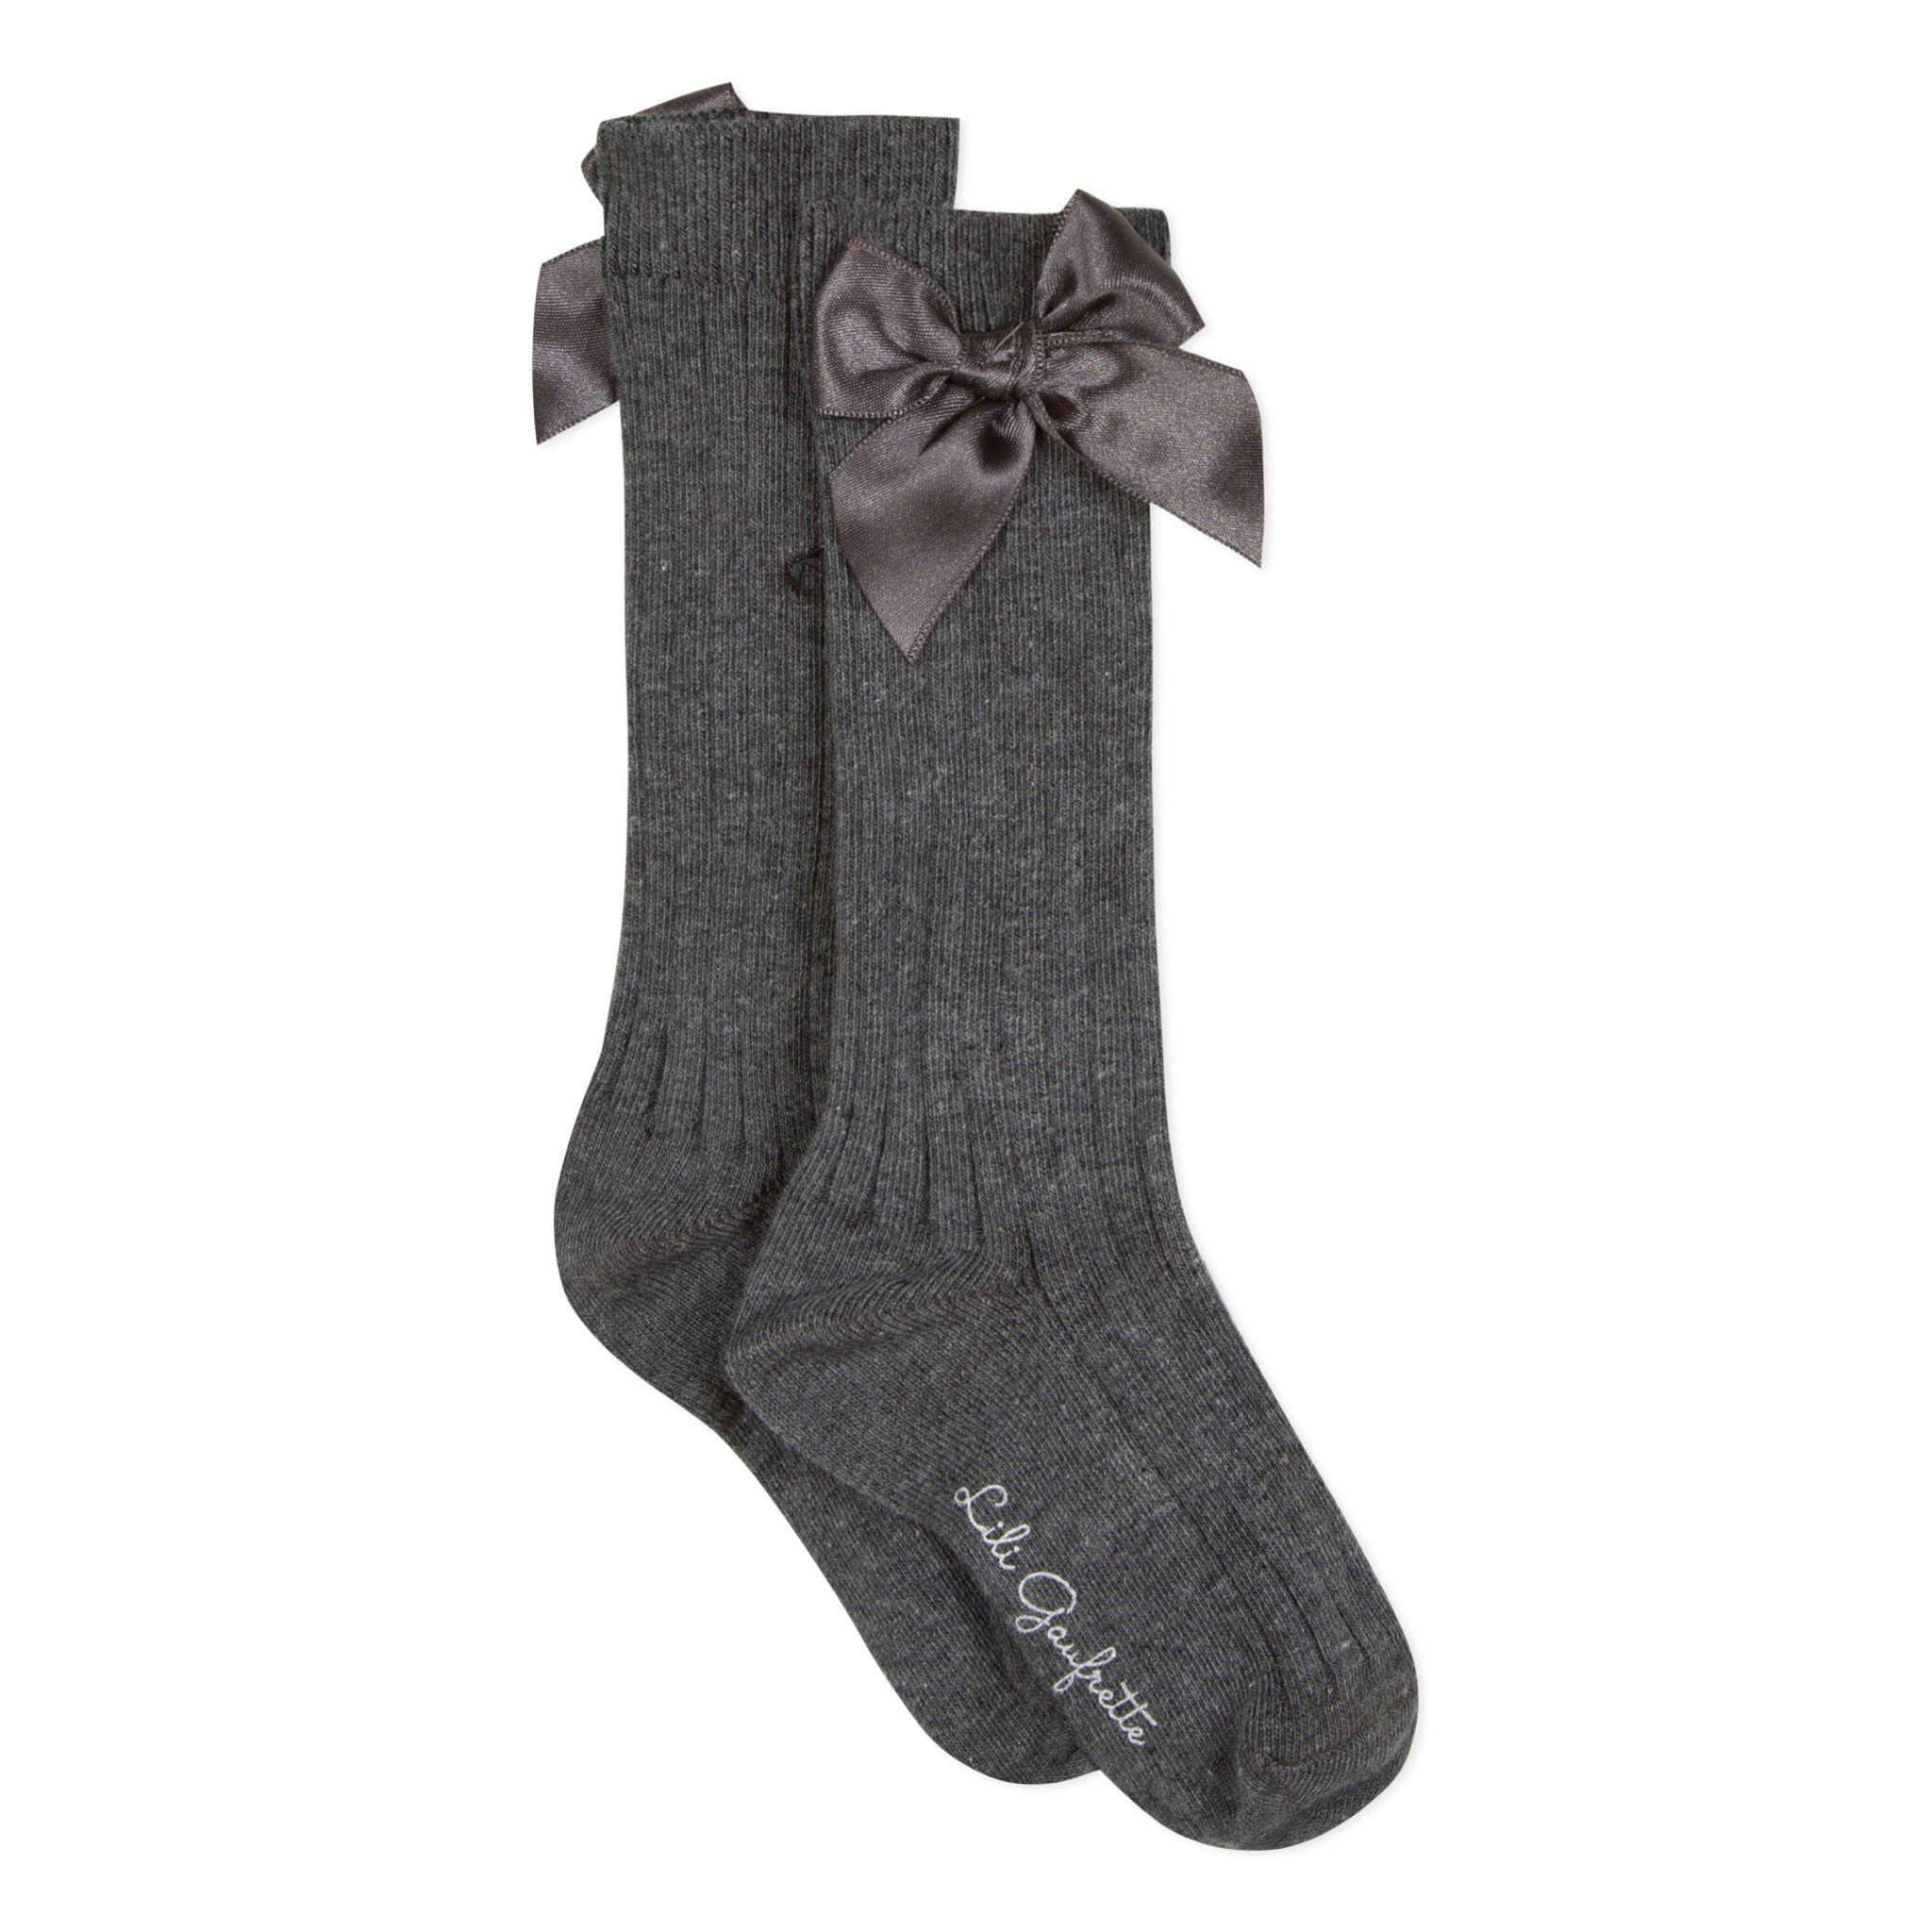 Lili Gaufrette Lili Gaufrette Grey Knee High Bow Socks